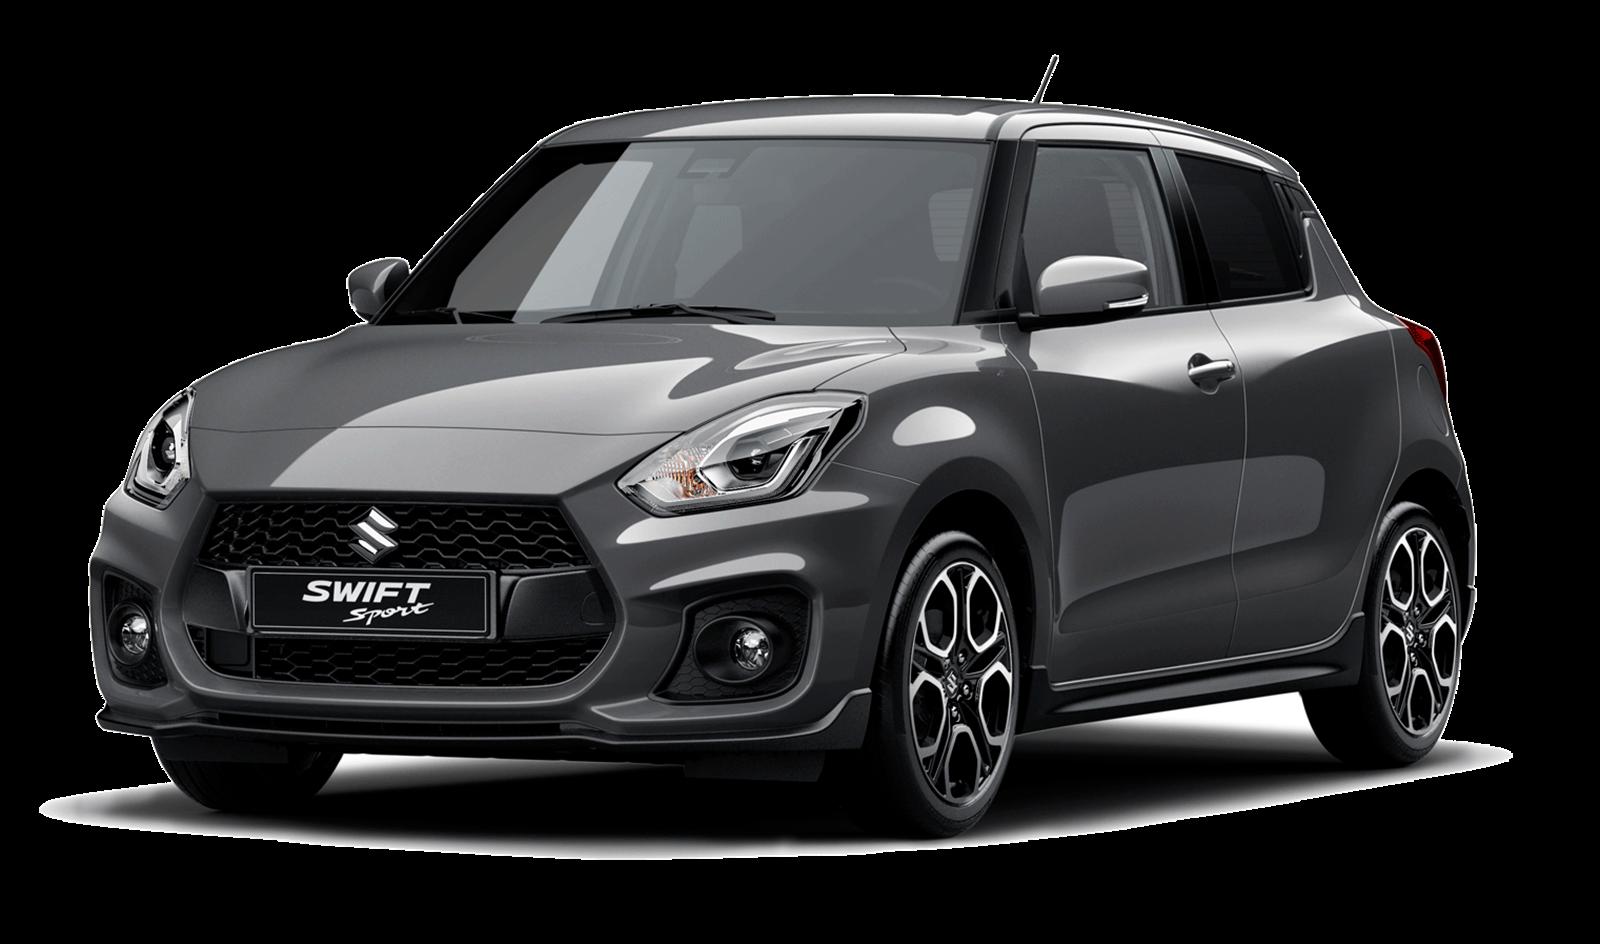 Suzuki Swift Sport 1.4 Booster Jet